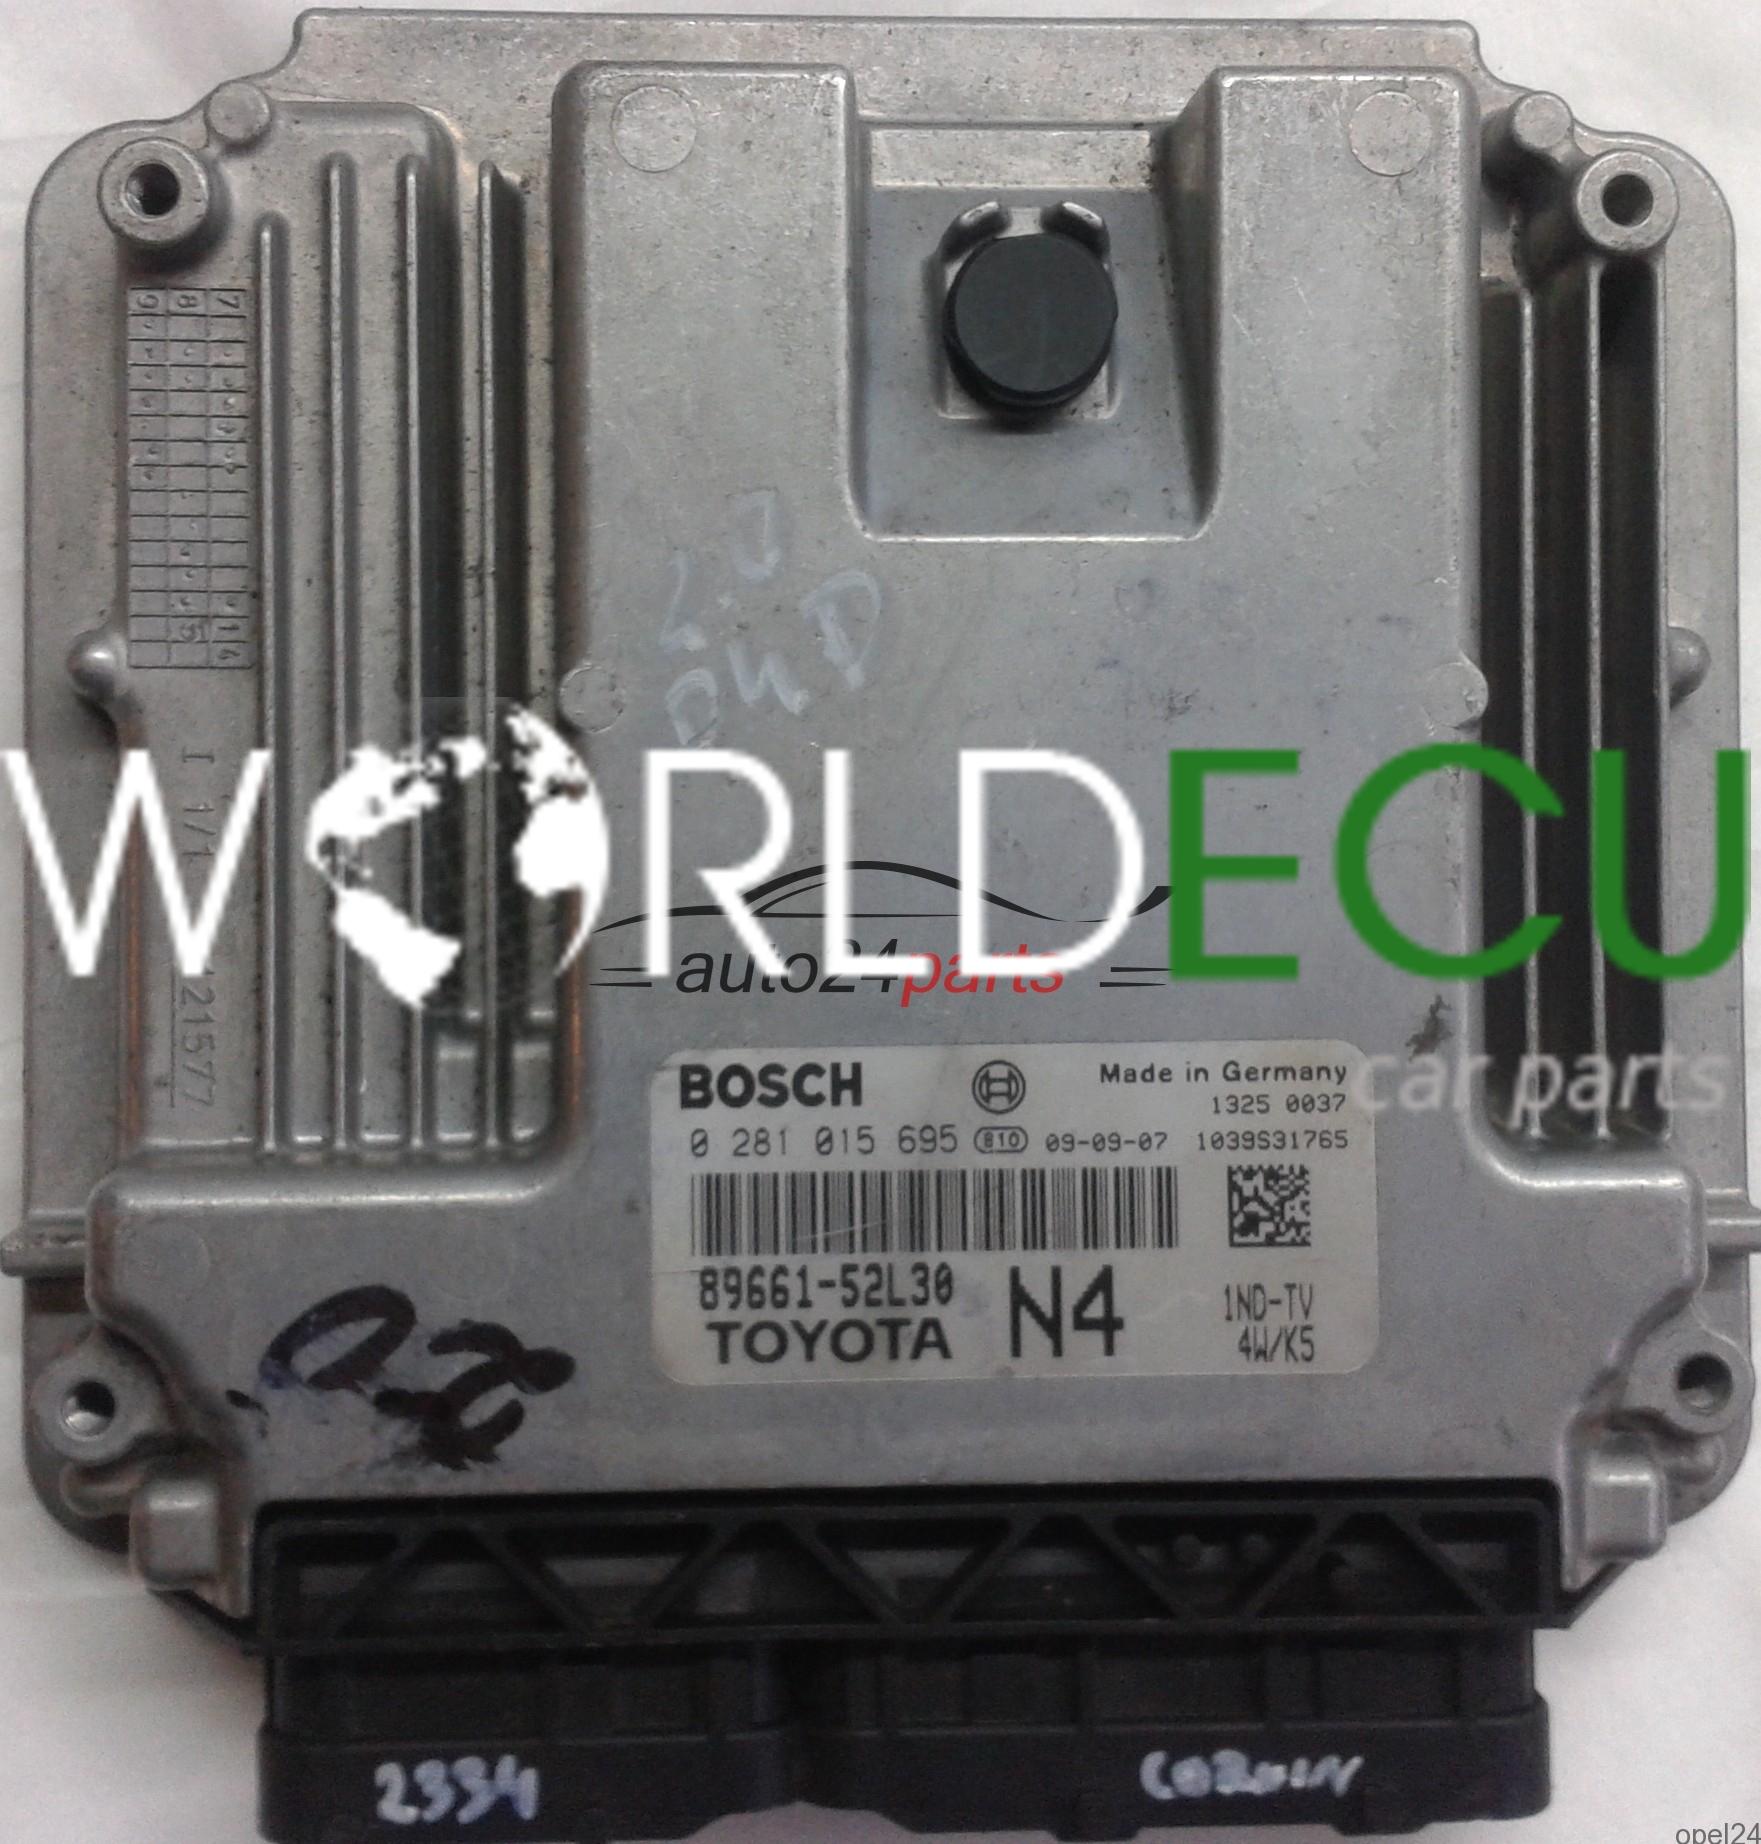 ECU ENGINE CONTROLLER TOYOTA YARIS 1 4 D4D 1ND-TV 89661-52L30 N4 8966152L30  BOSCH 0281015695, 0 281 015 695